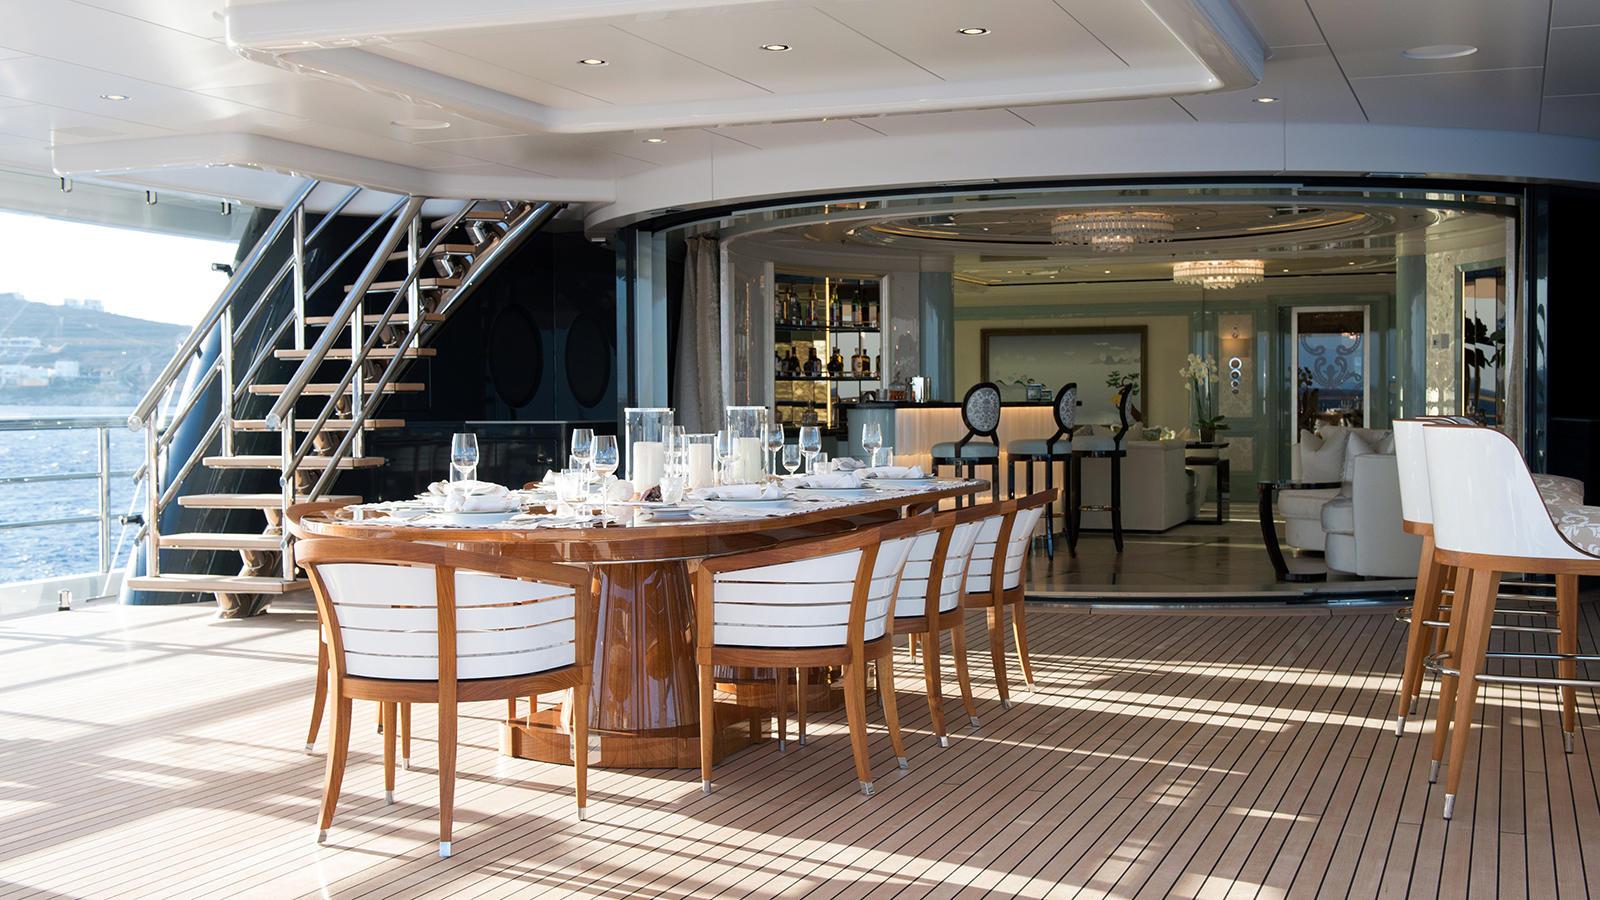 3Q9pSSHLQzy9nXVROguA_Plvs-Vltra-Amels-LE242-yacht-owners-deck-credit-Jeff-Brown-1600x900